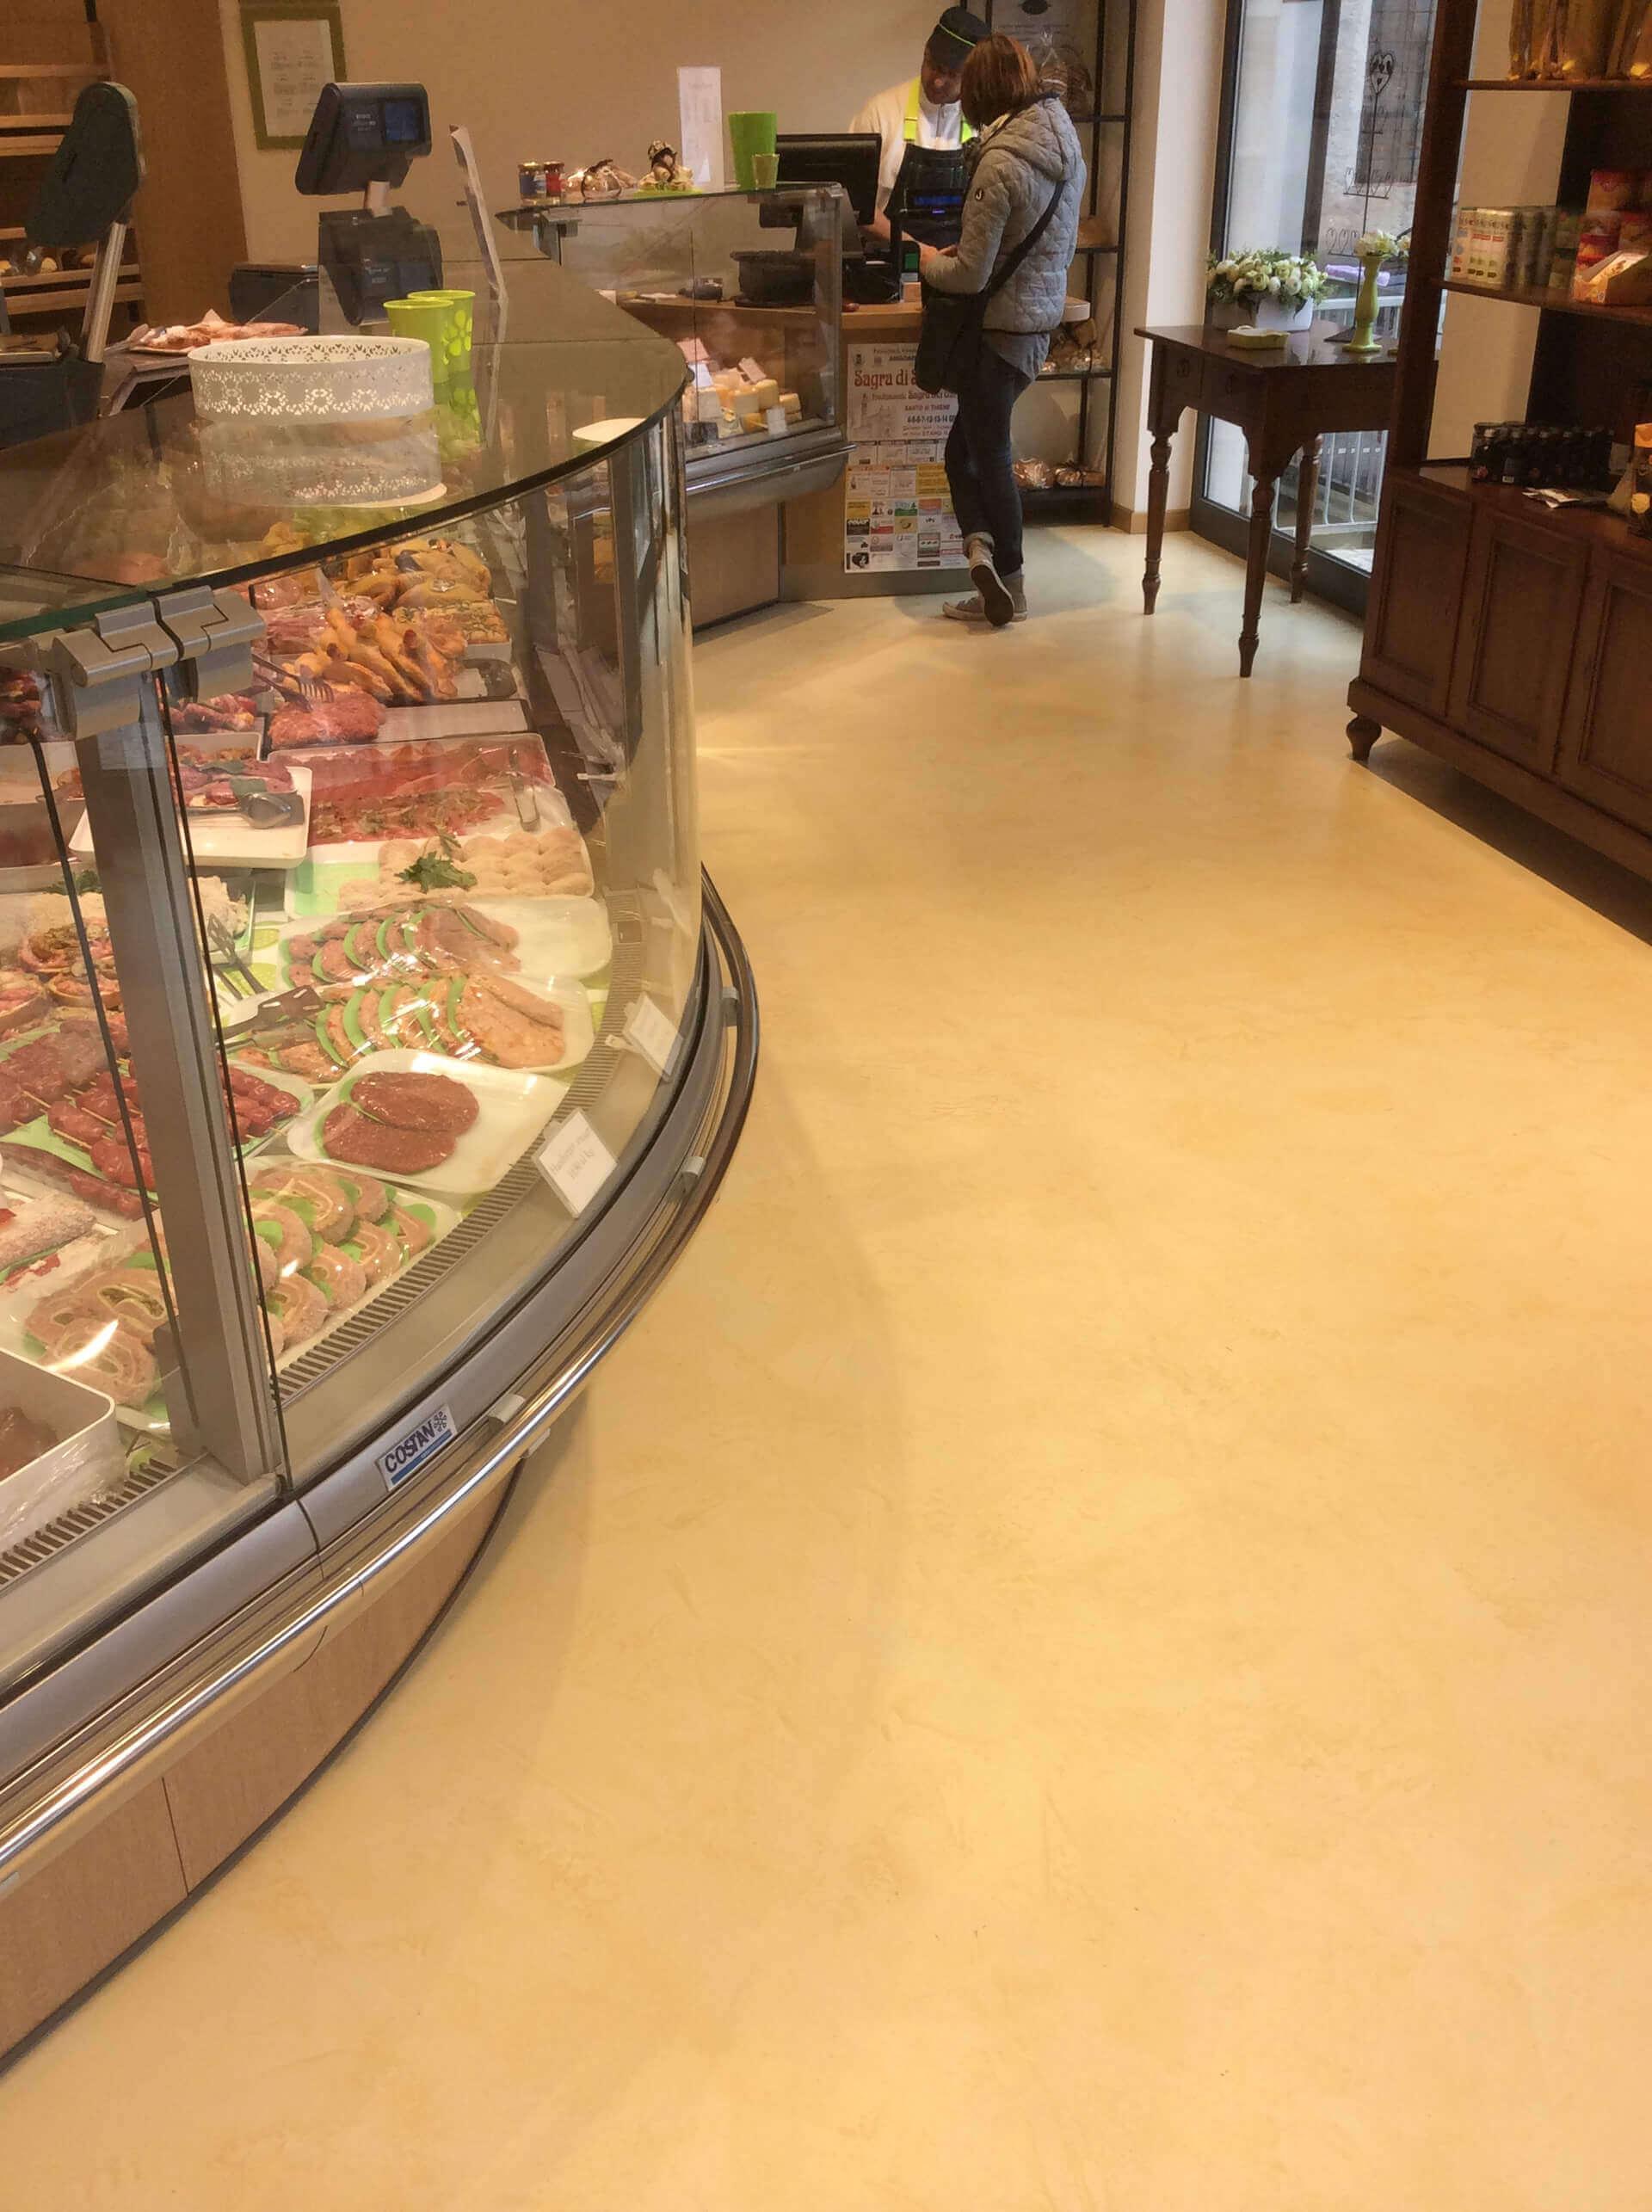 pavimento in resina realizzato in una gastronomia